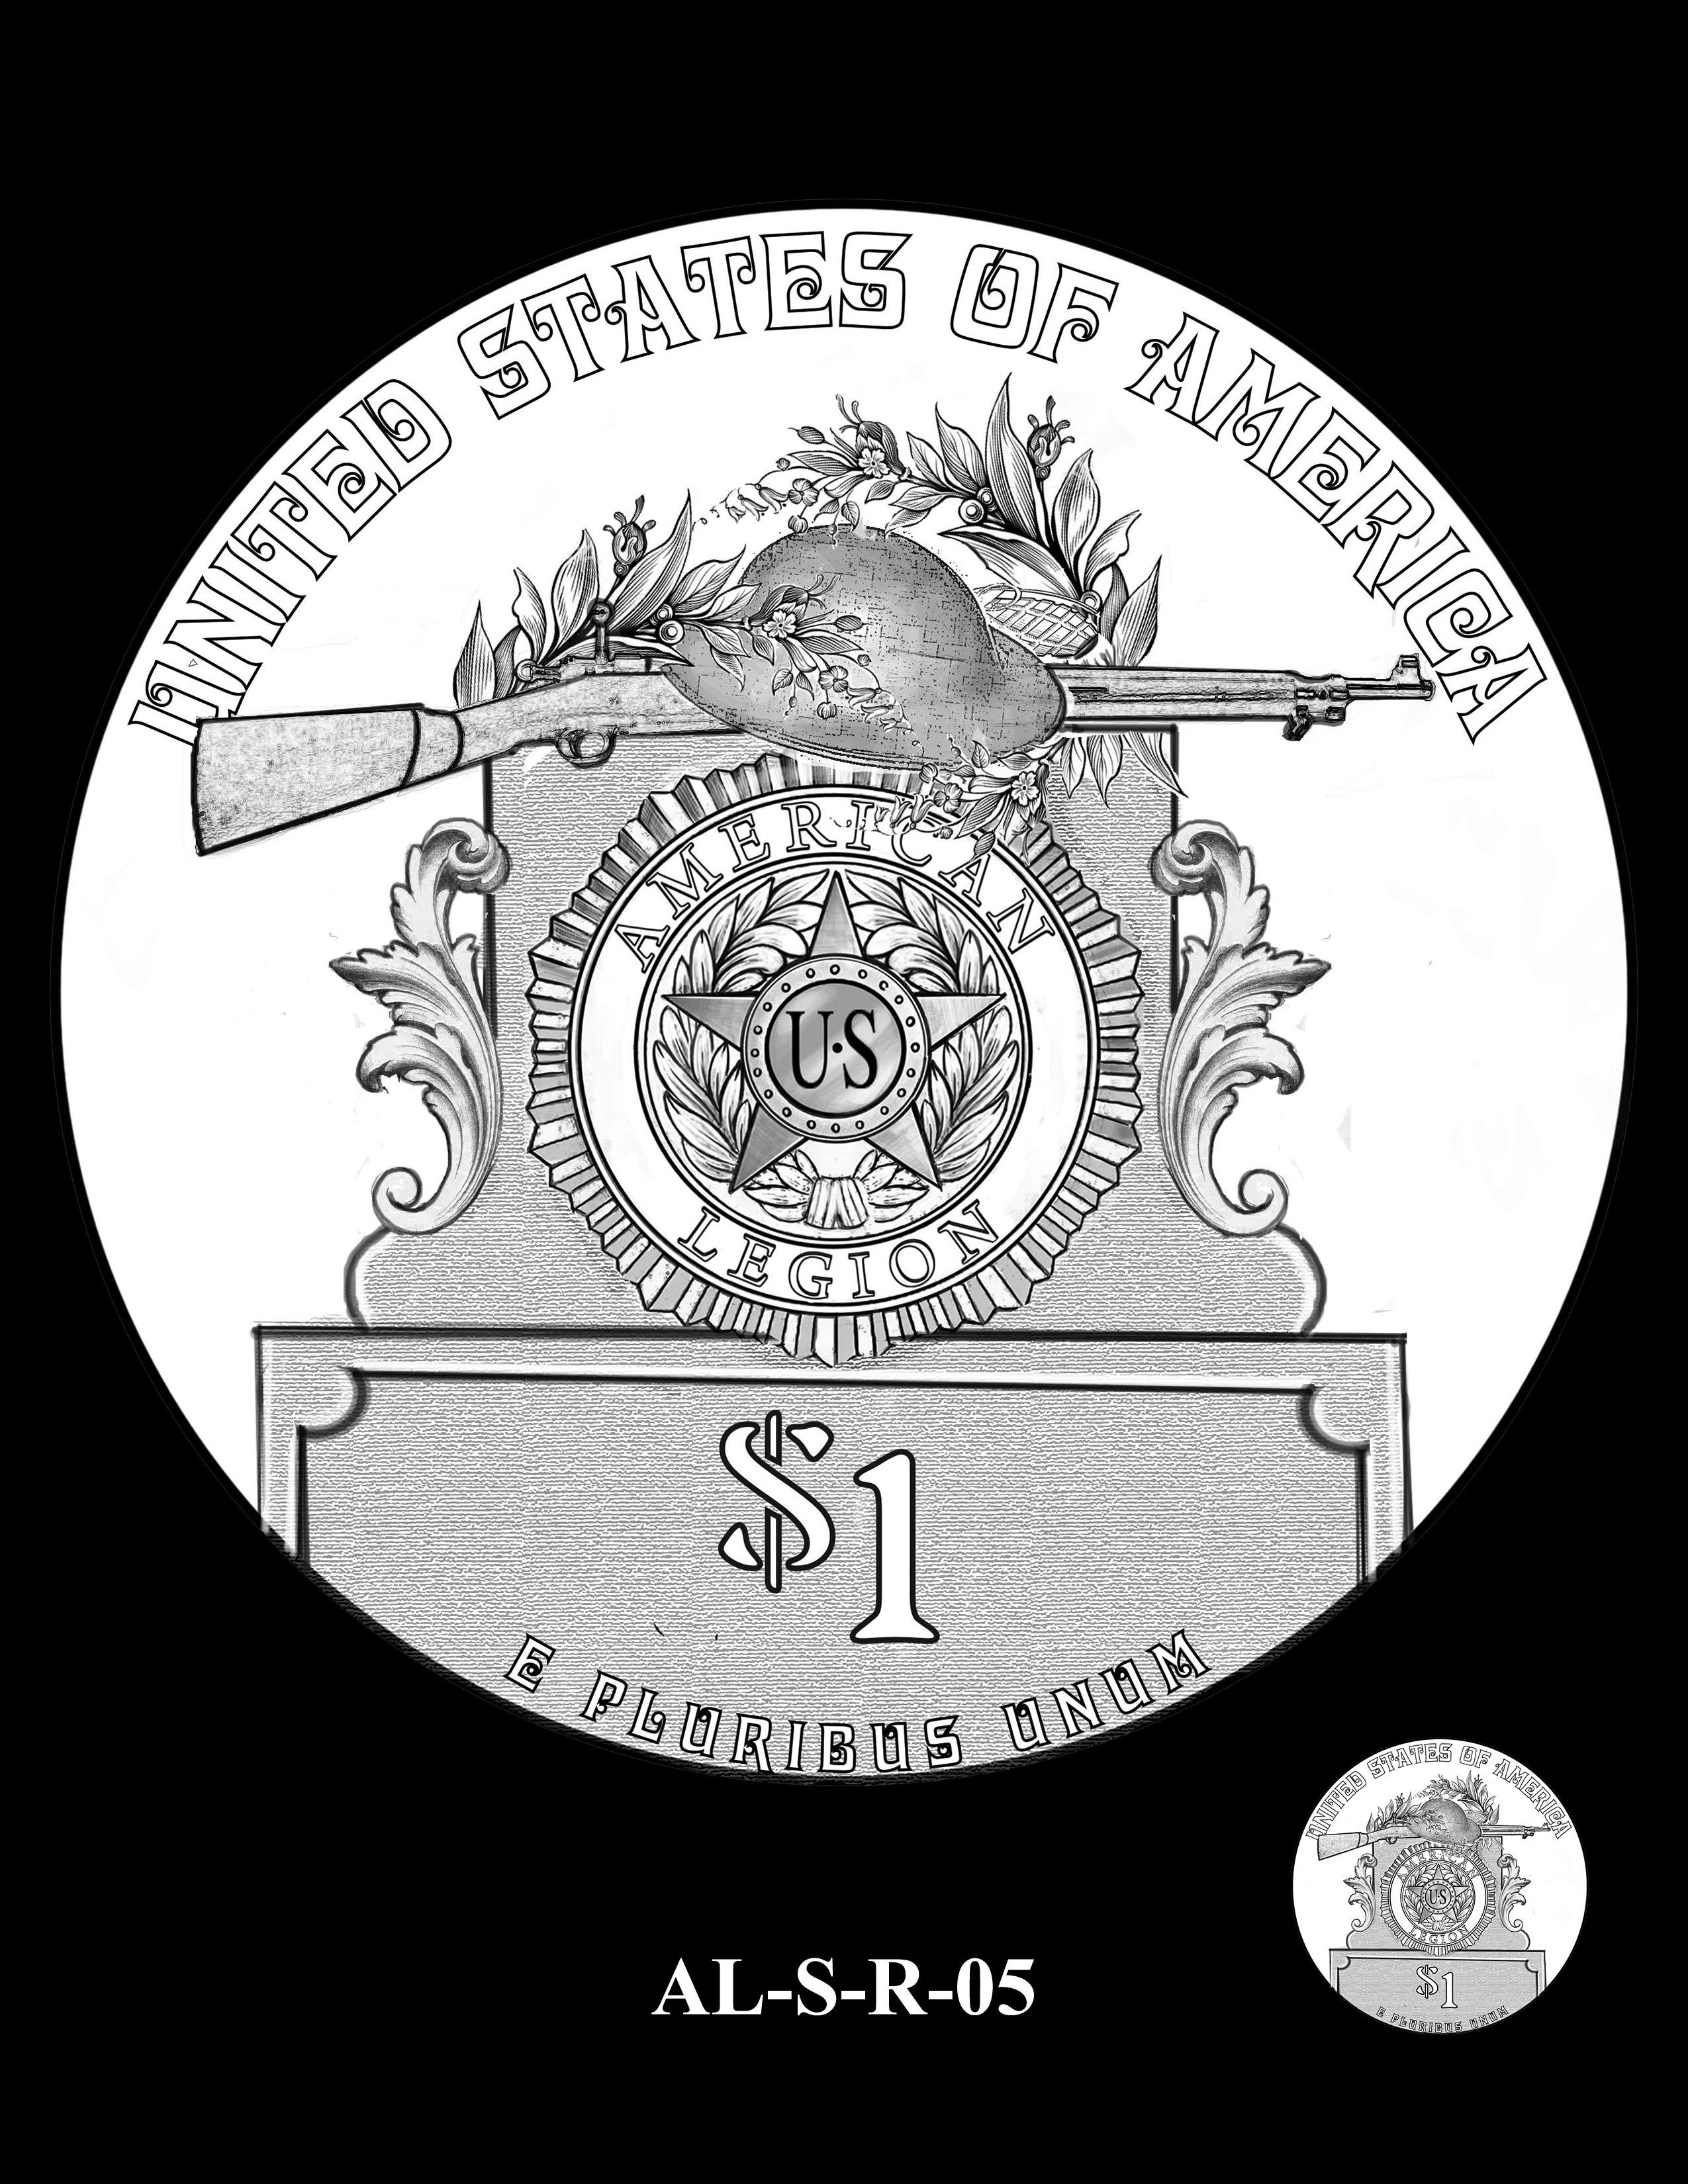 AL-S-R-05 -- 2019 American Legion 100th Anniversary Commemorative Coin Program - Silver Reverse